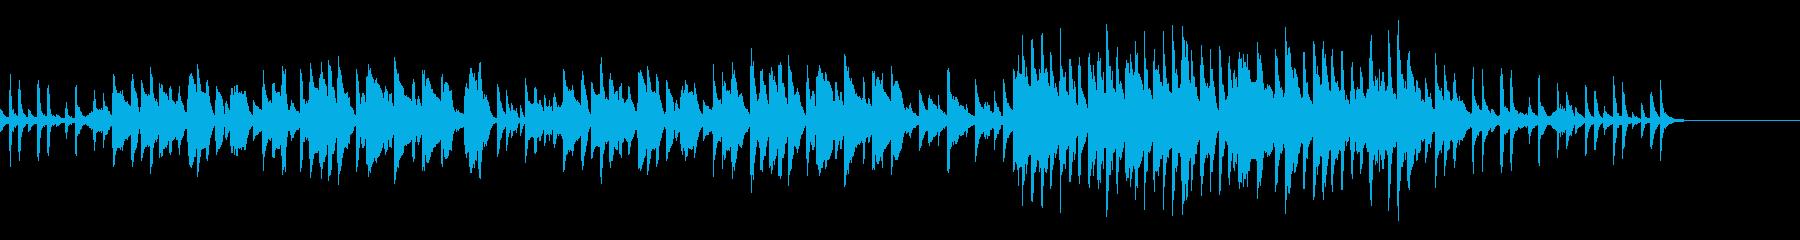 メルヘンな音楽の再生済みの波形